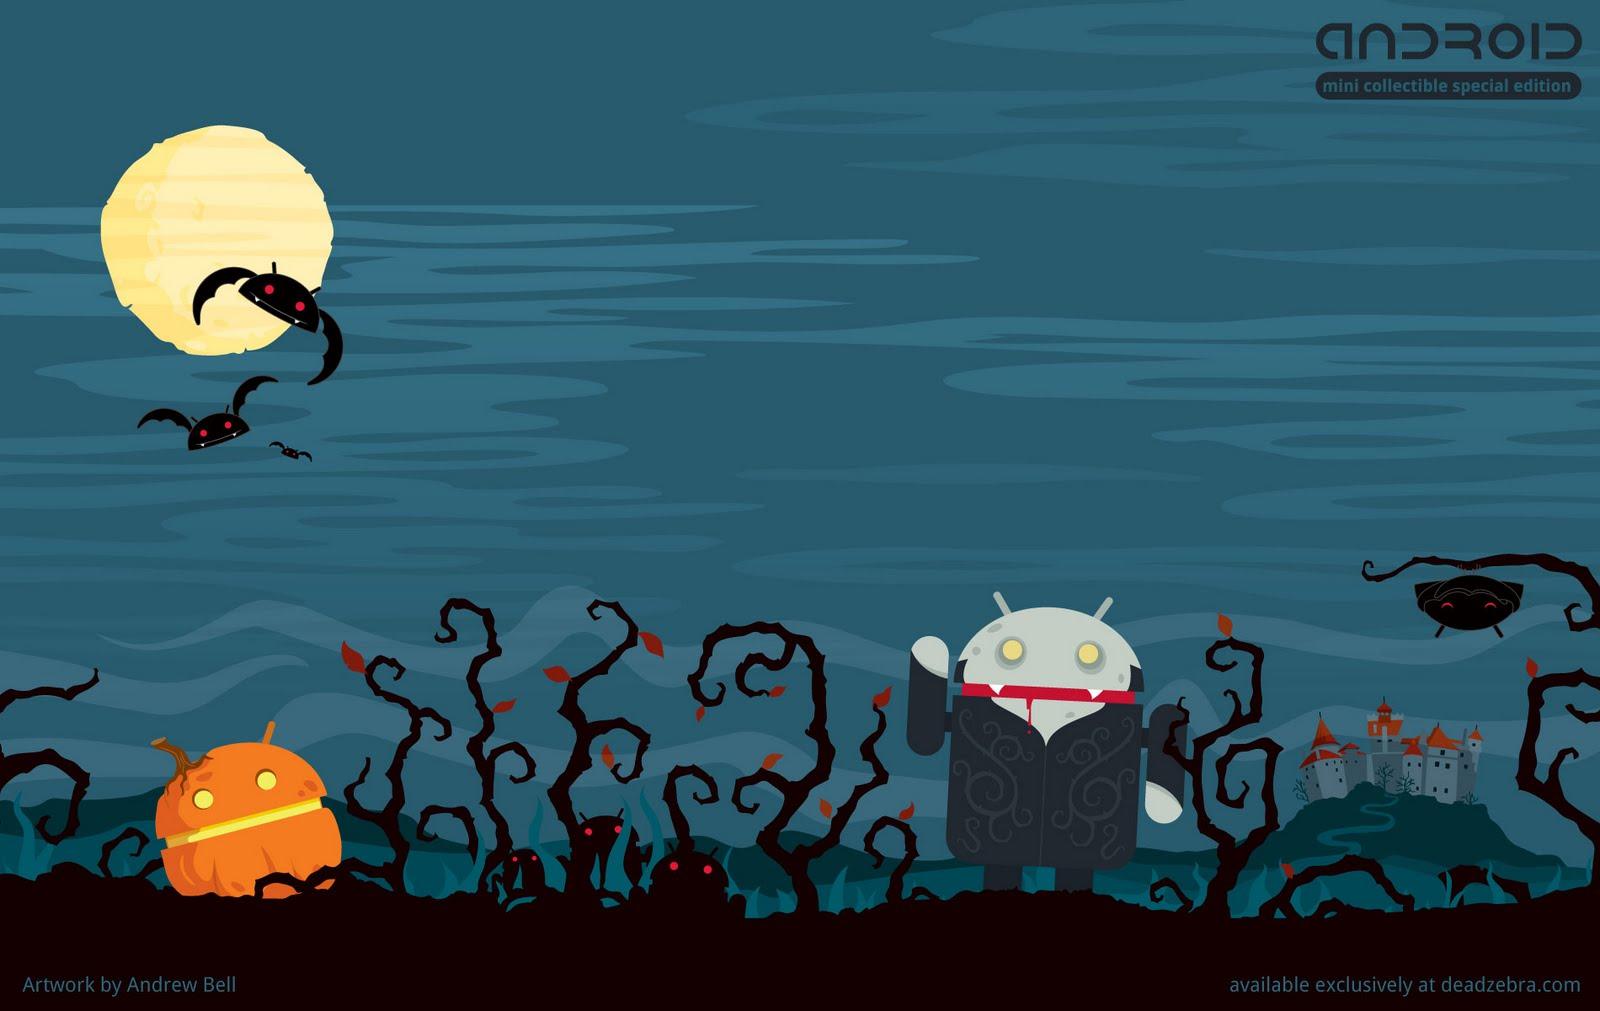 http://4.bp.blogspot.com/-ejqpqwbsx5A/Tb4mLQ8EdkI/AAAAAAAAAGE/0_slcWcqdPI/s1600/android-halloween-wallpaper.jpg